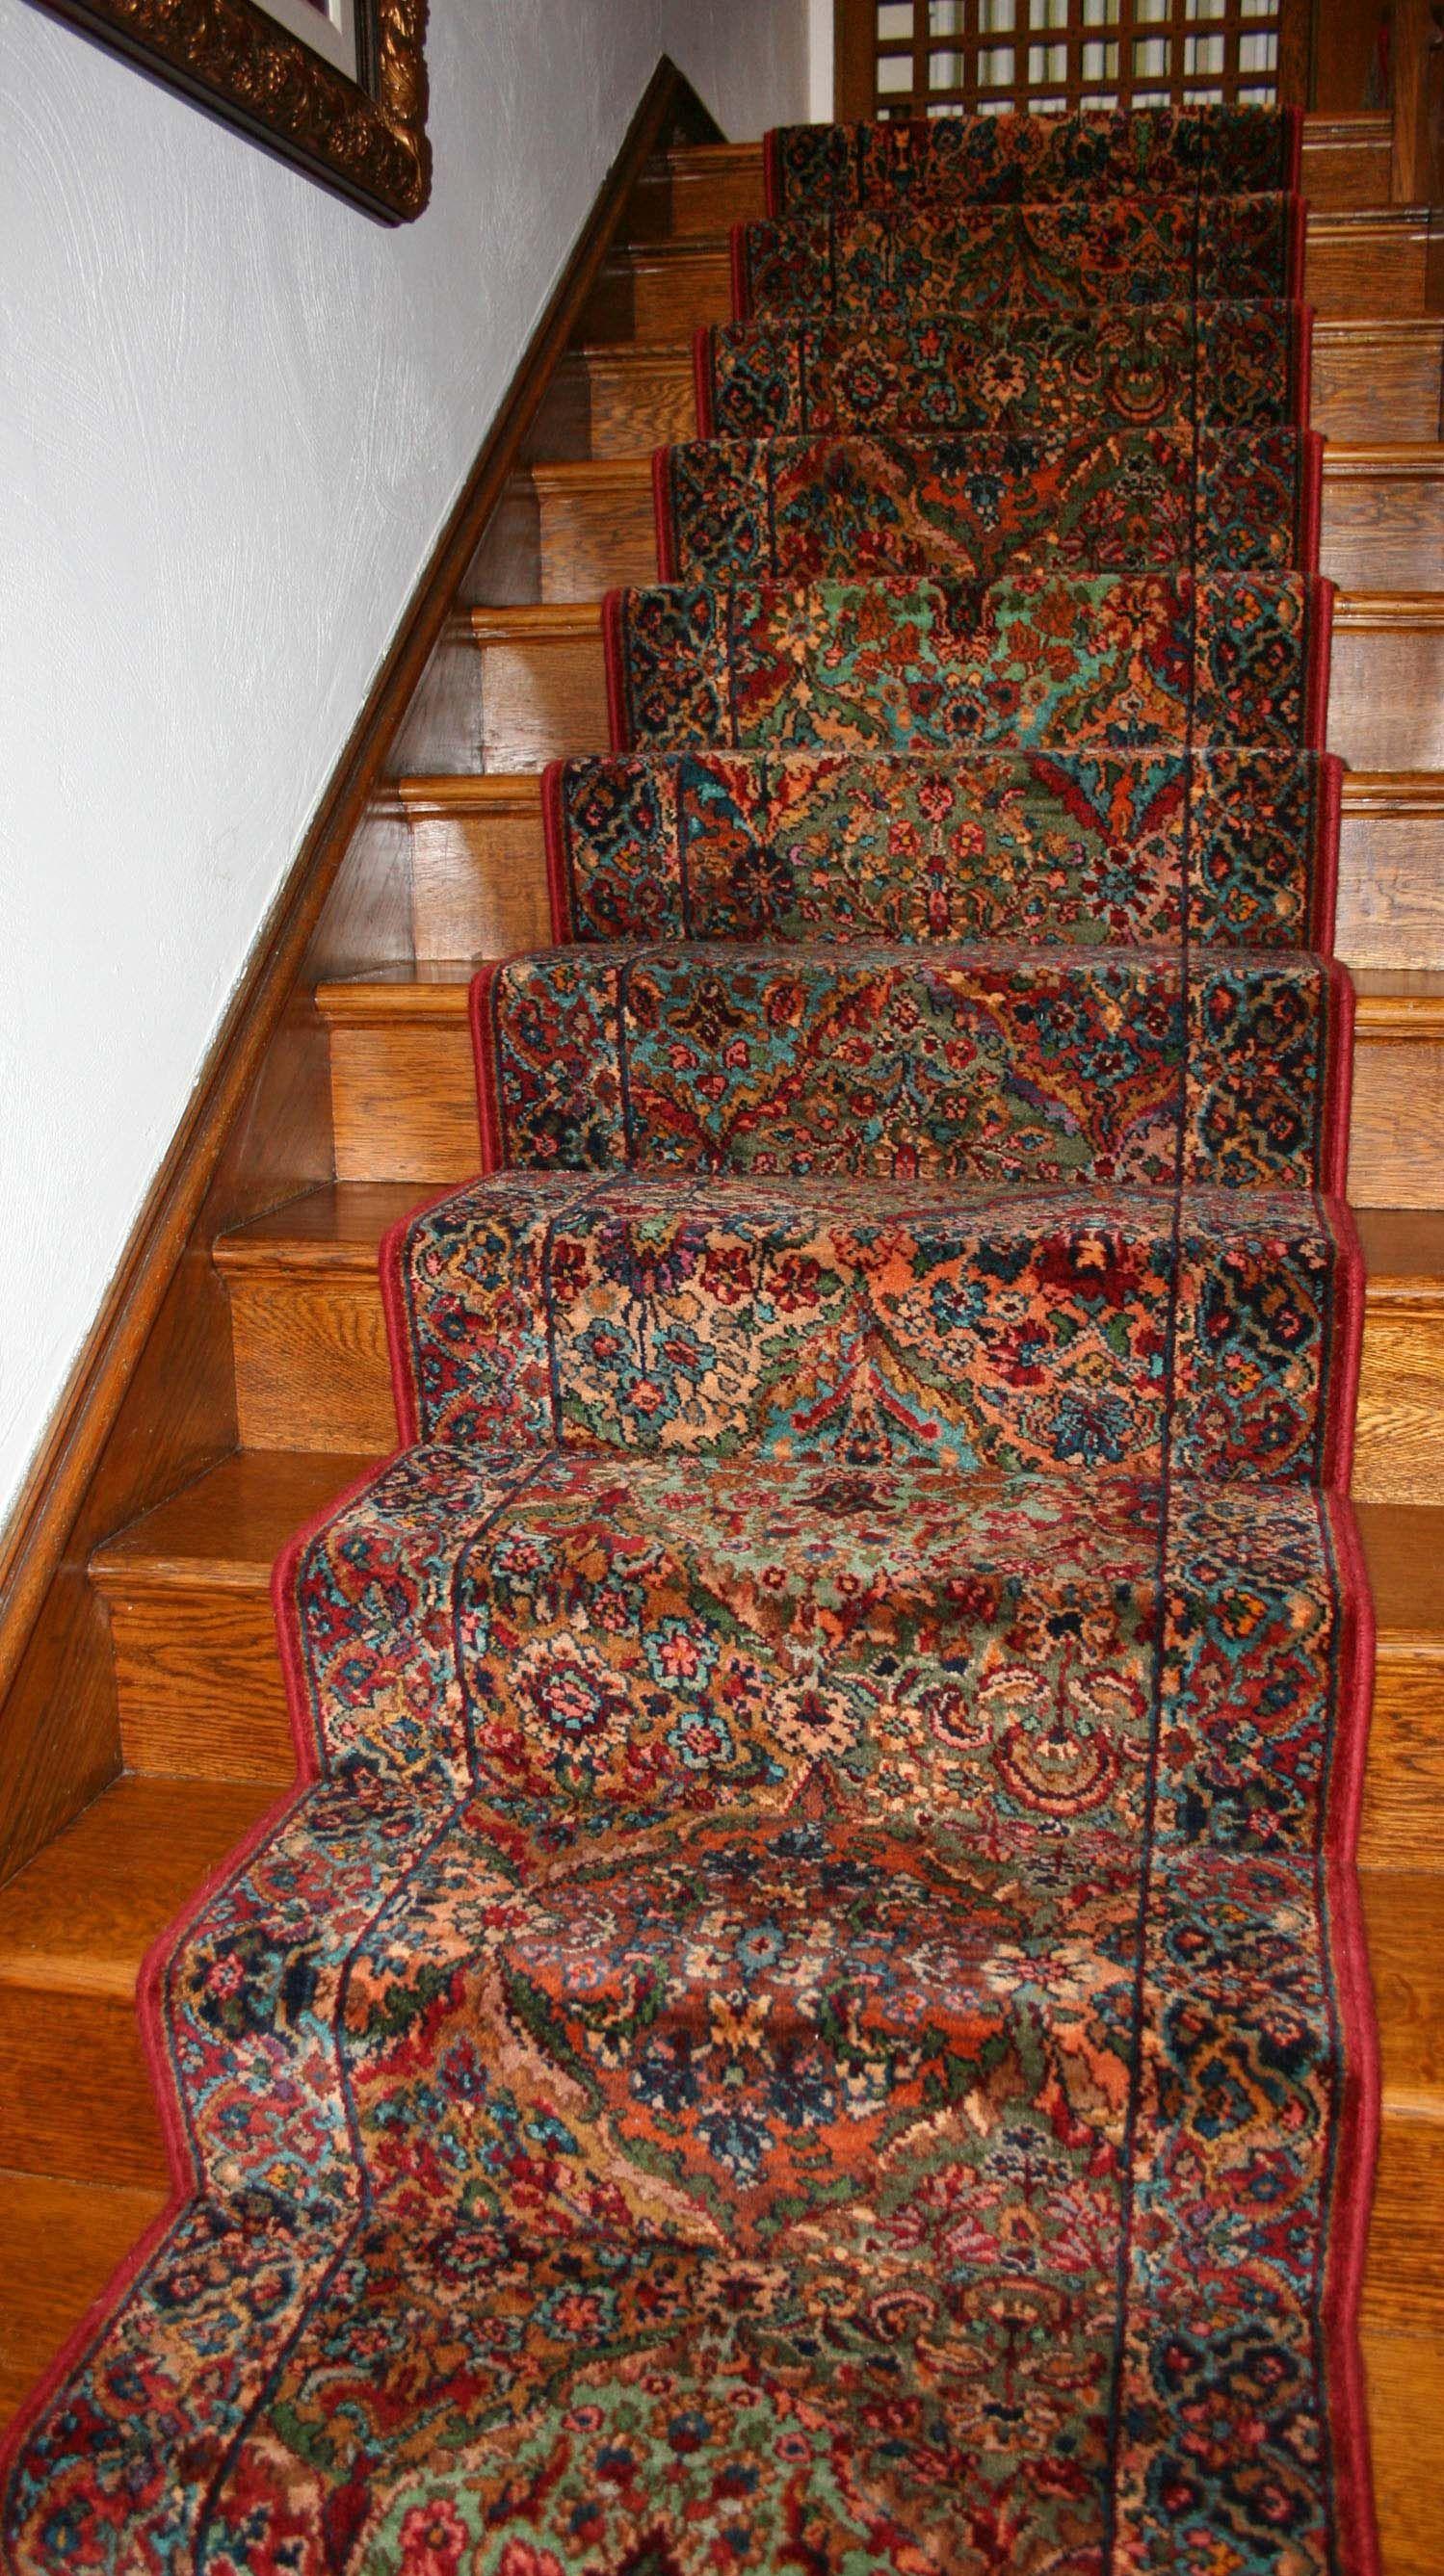 Custom Staircase Wool Custominstallation Oriental Stairs   Oriental Carpet Stair Treads   Kings Court   Stair Runner   Carpet Runners   Rug Depot   Flooring